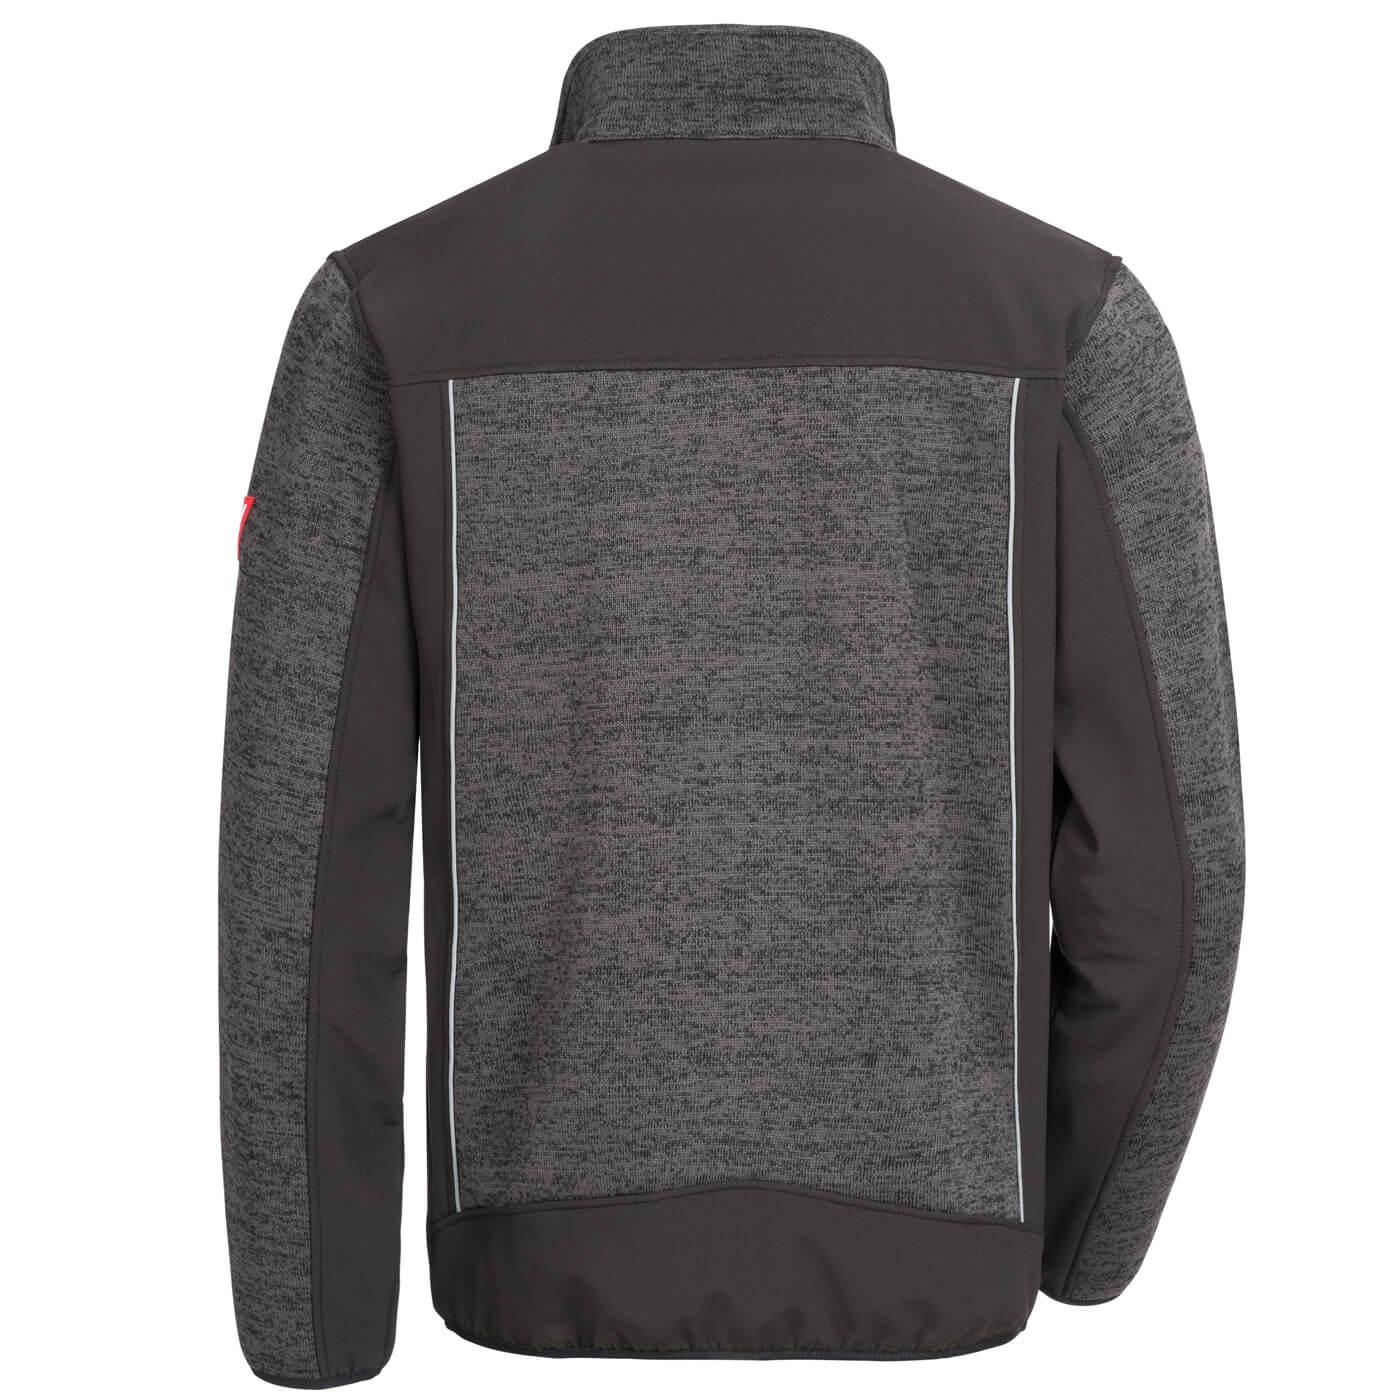 Bluza robocza Nitras 7190